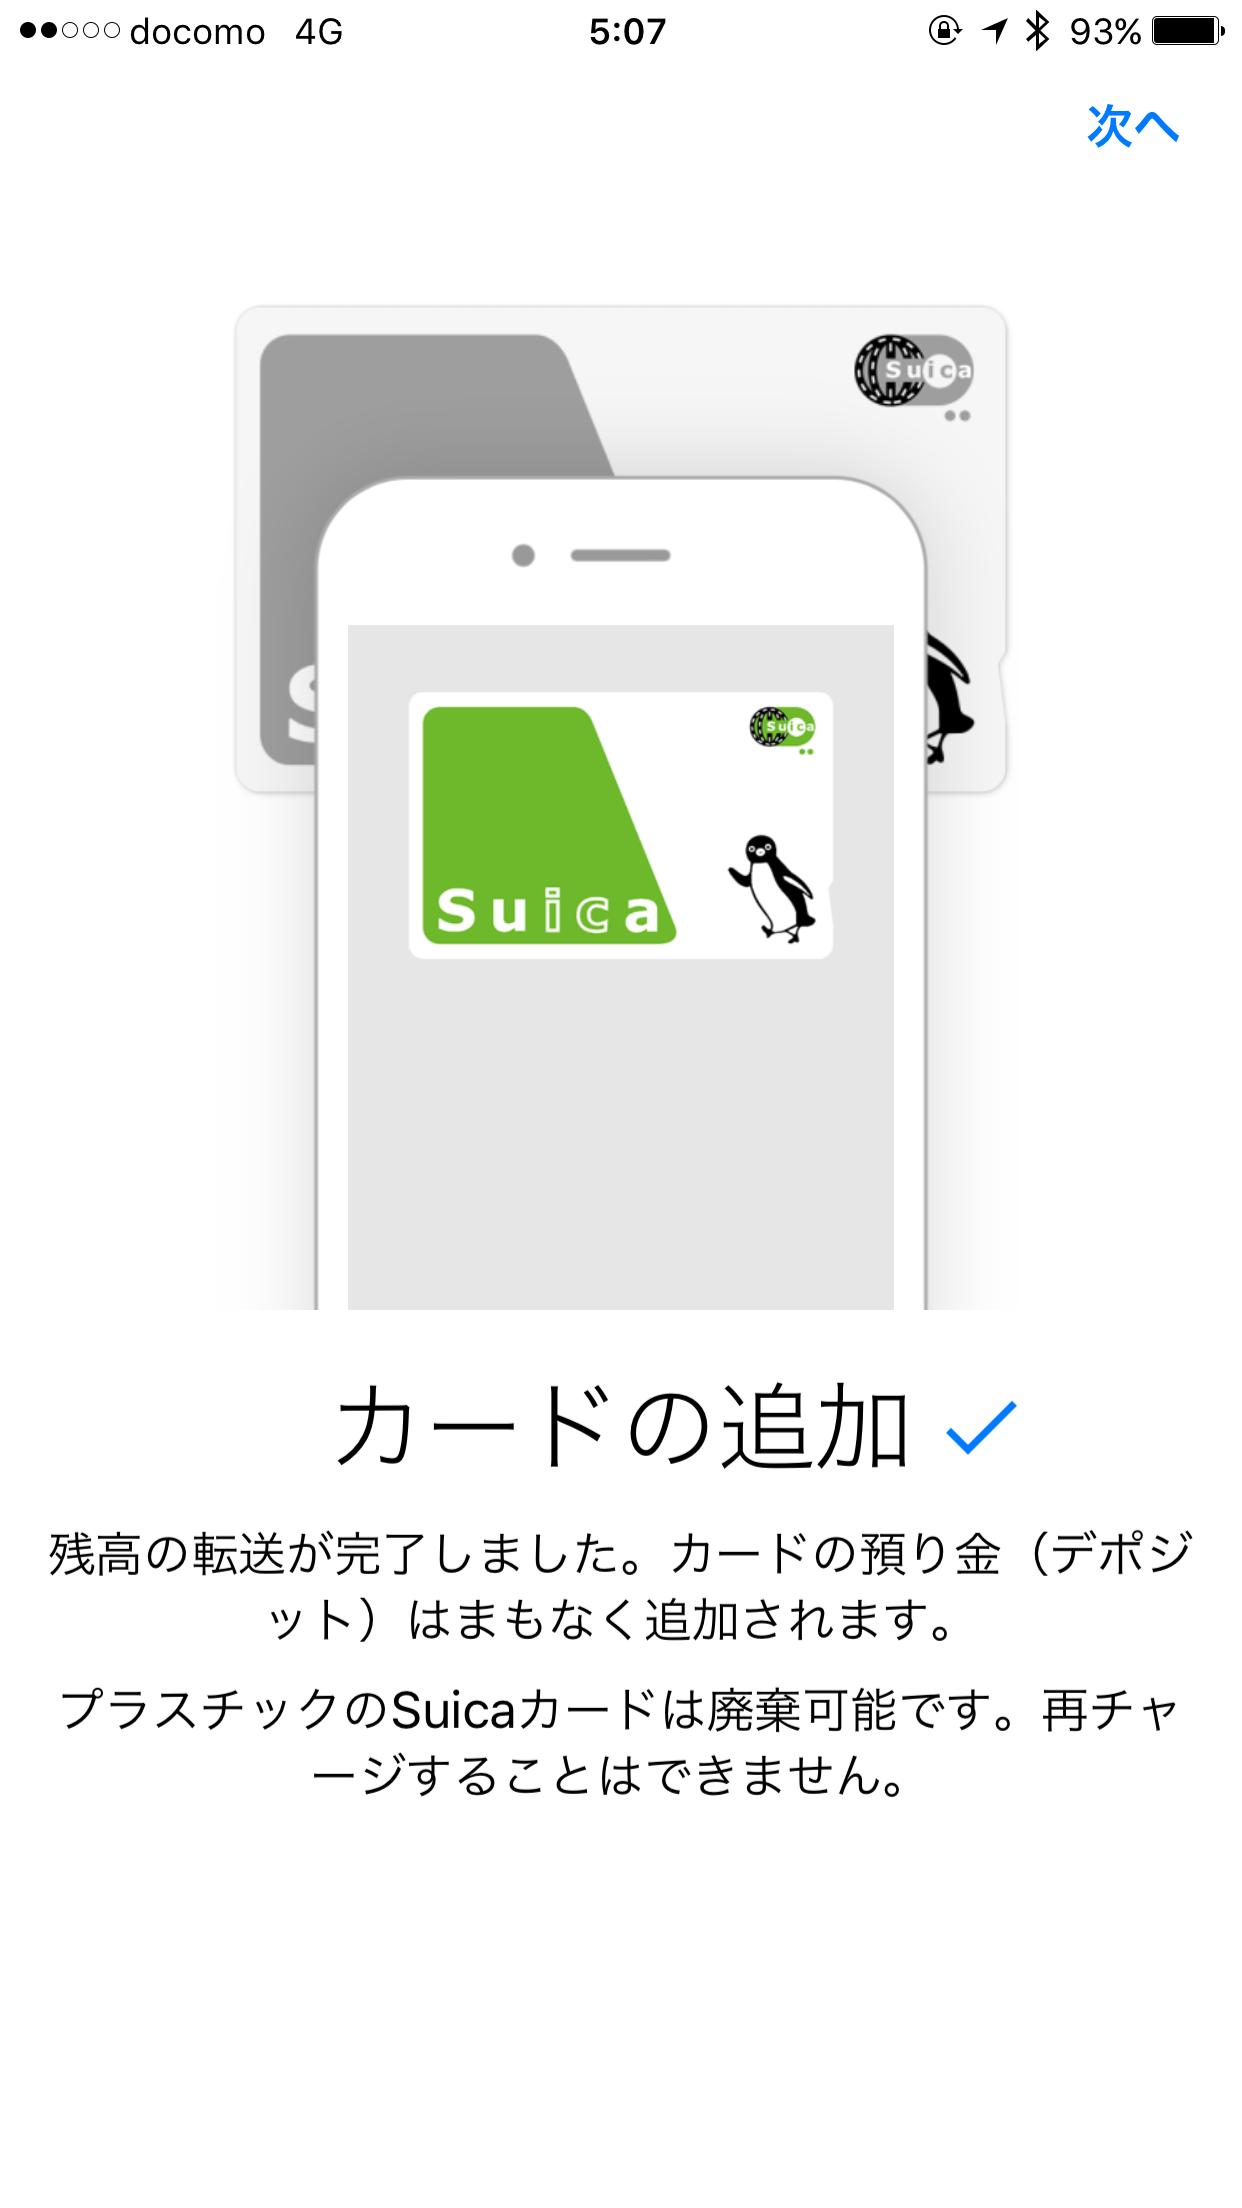 Apple Pay運用開始!!早速Suicaを登録・SuicaアプリのインストールとモバイルSuicaの登録をしてみた!